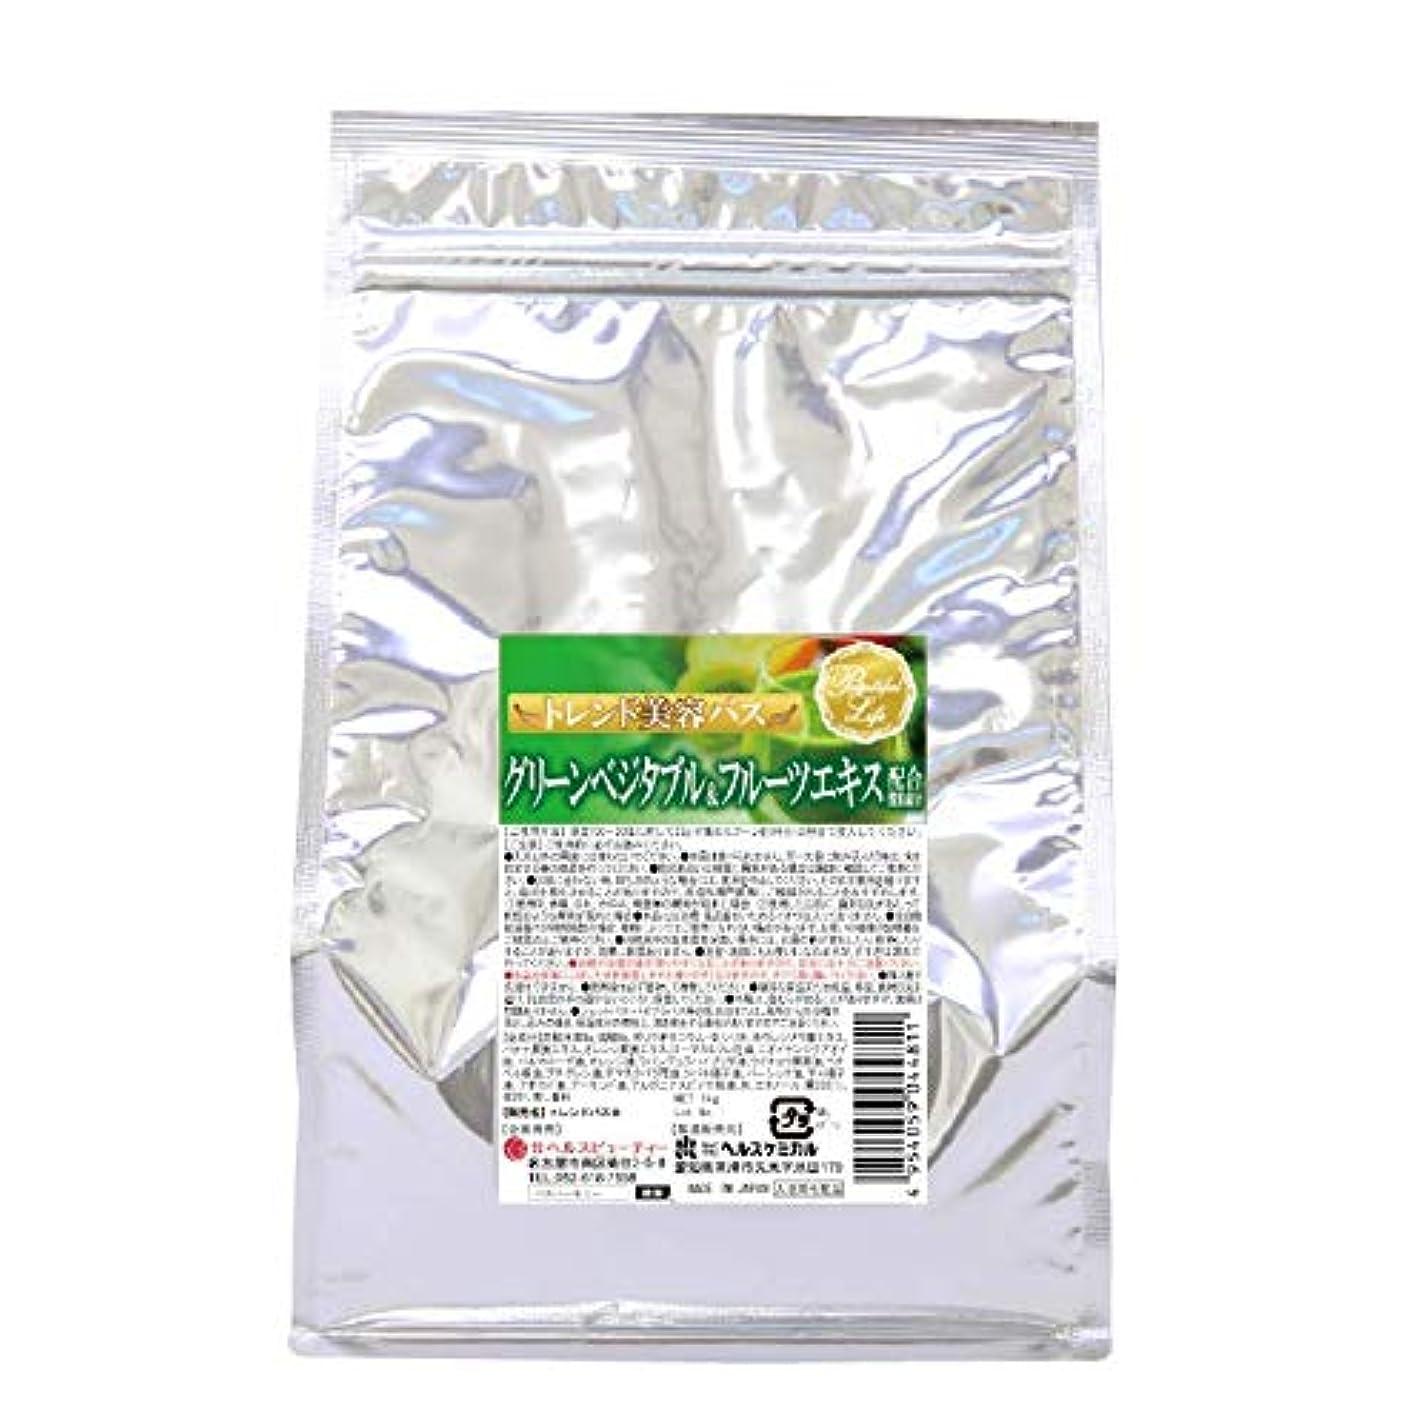 賛美歌抑止する群集入浴剤 湯匠仕込 グリーンベジタブル&フルーツエキス配合 1kg 50回分 お徳用